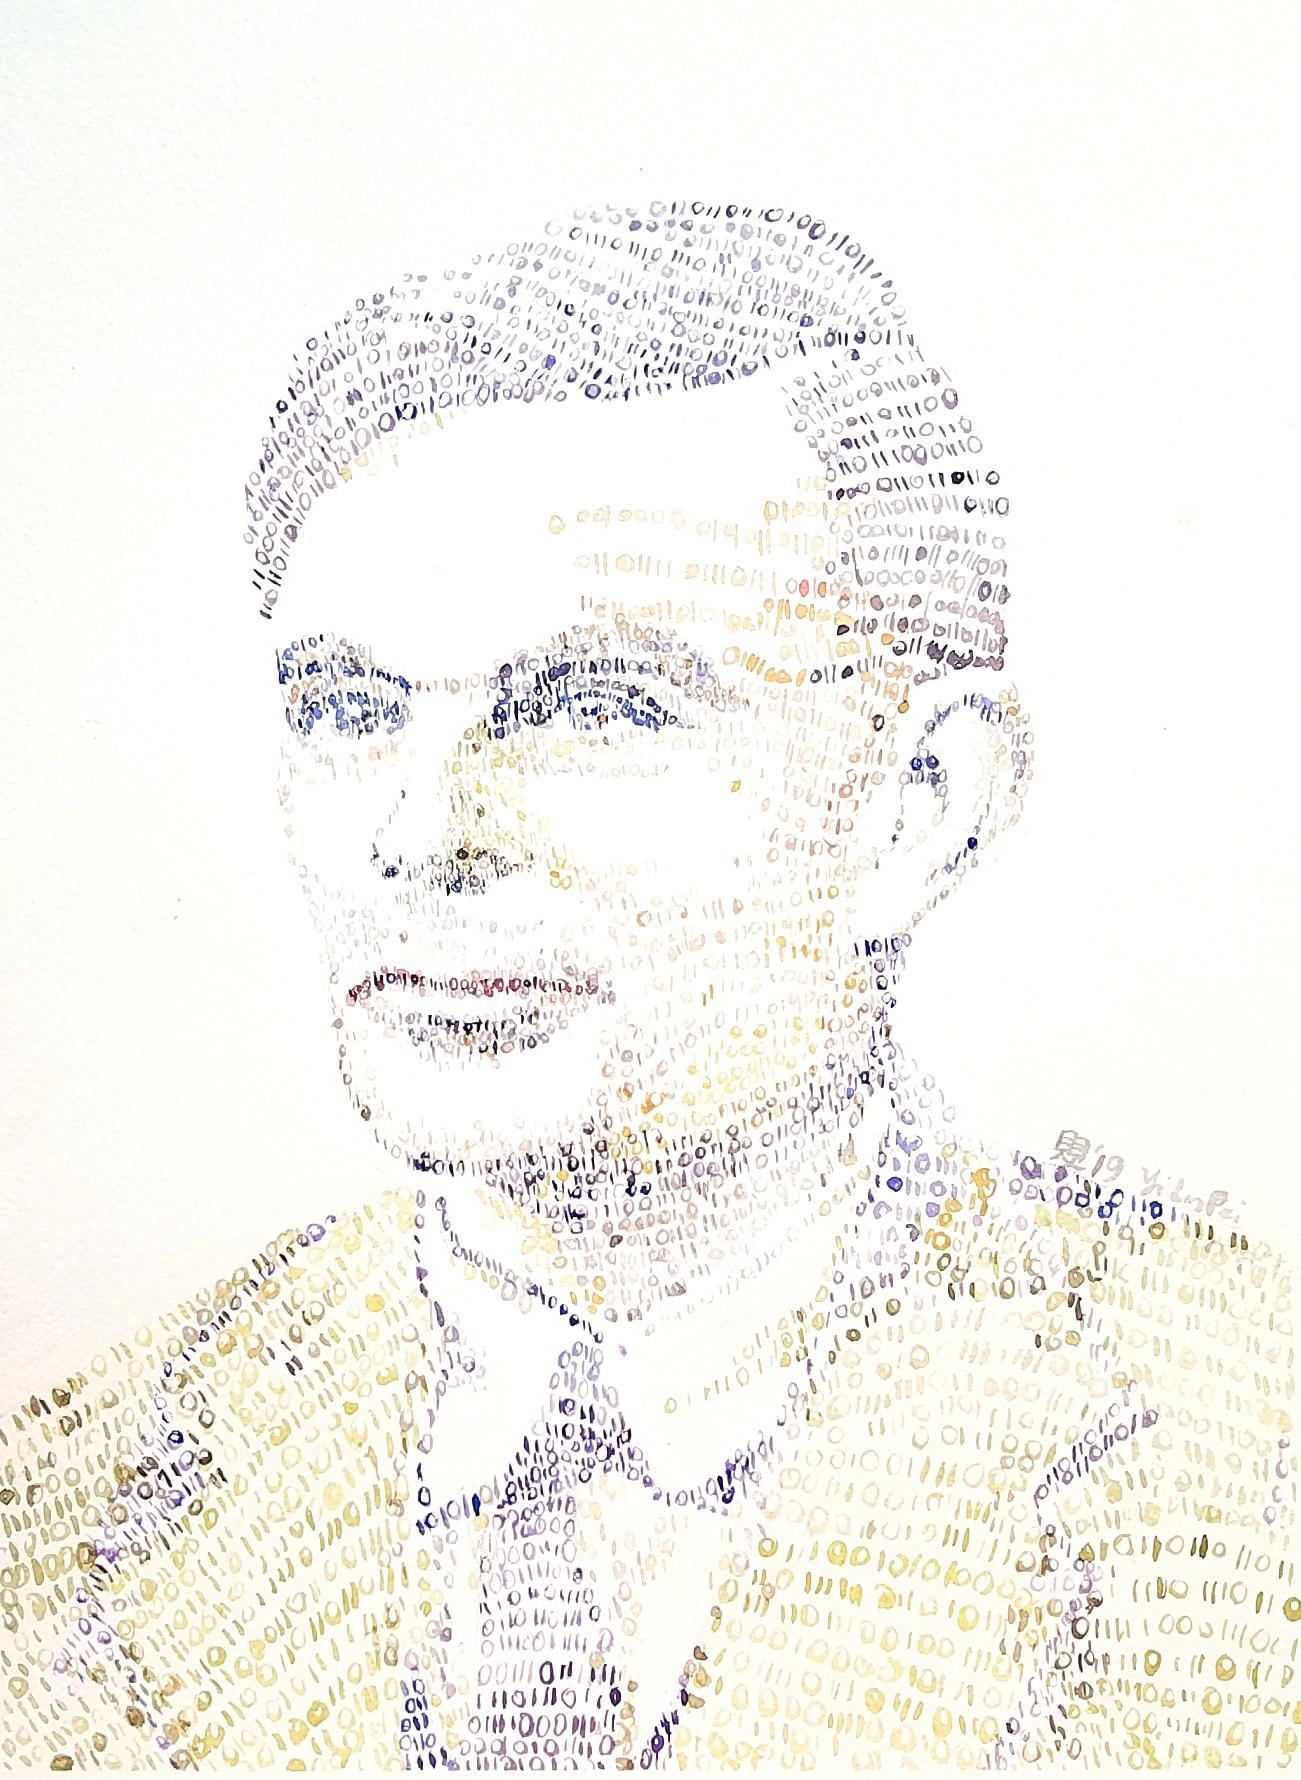 Alan Turing in Binary